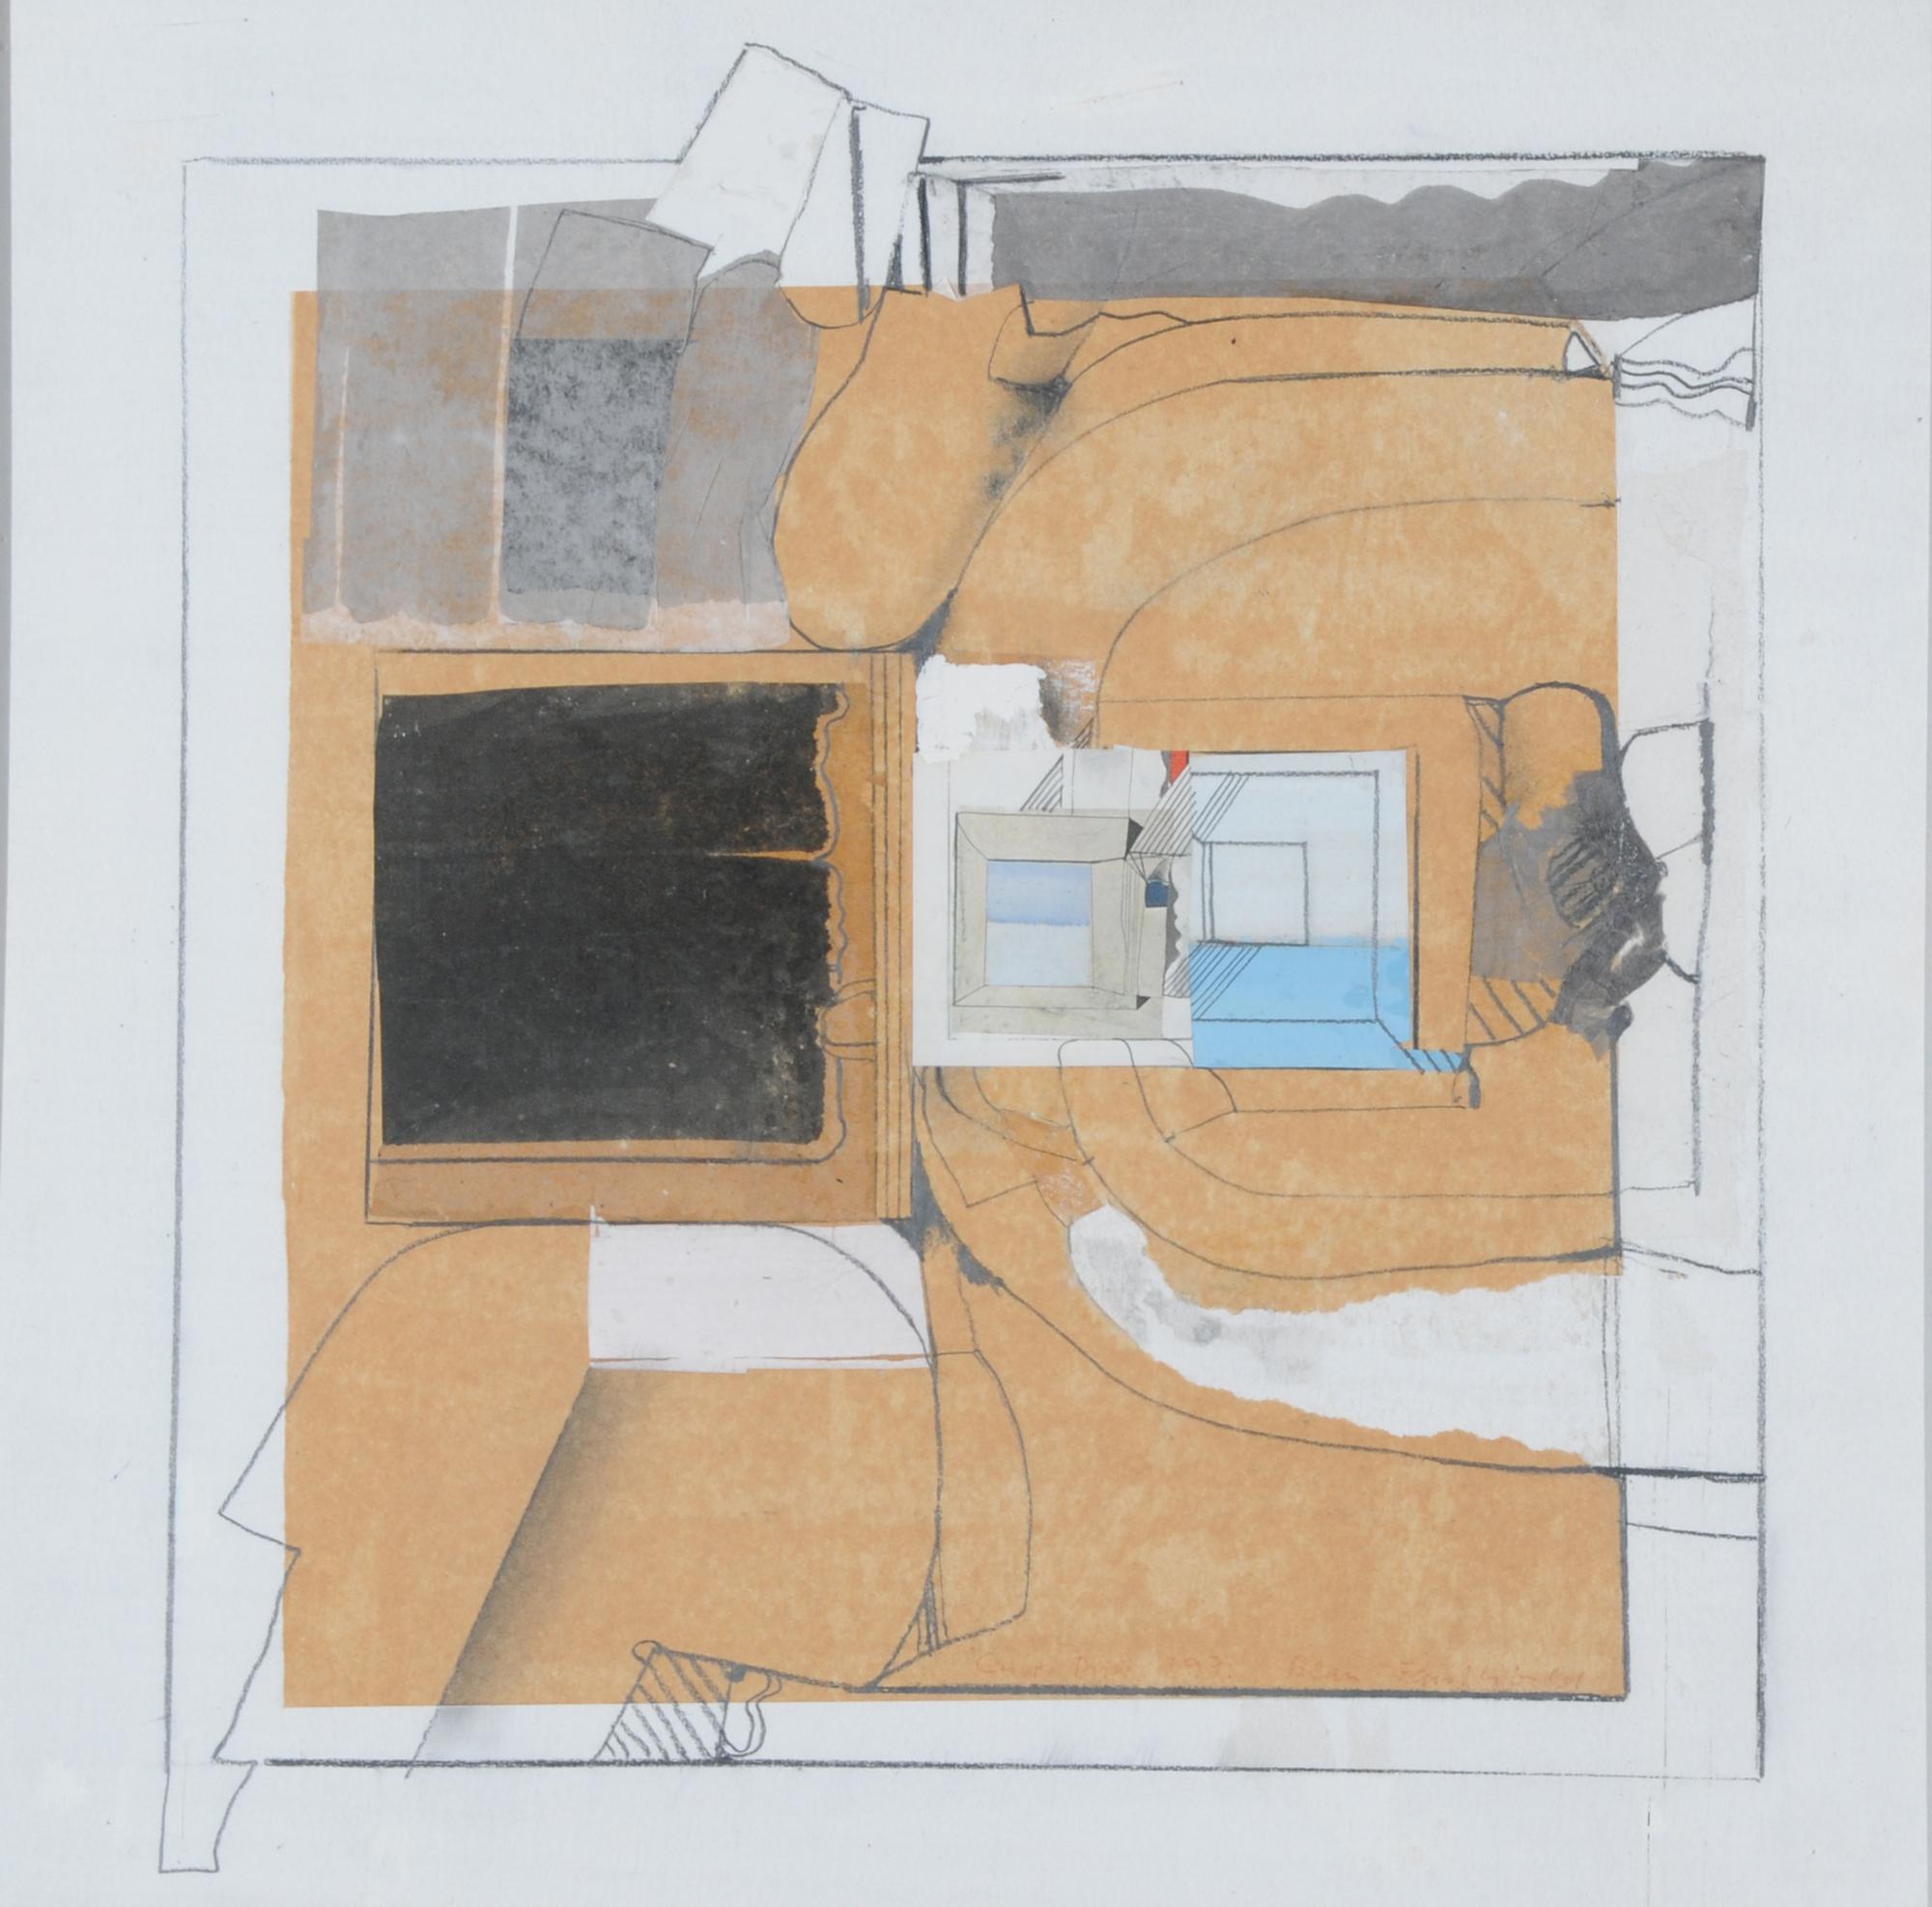 Duss Carlos, Blau-Fenster-Bild